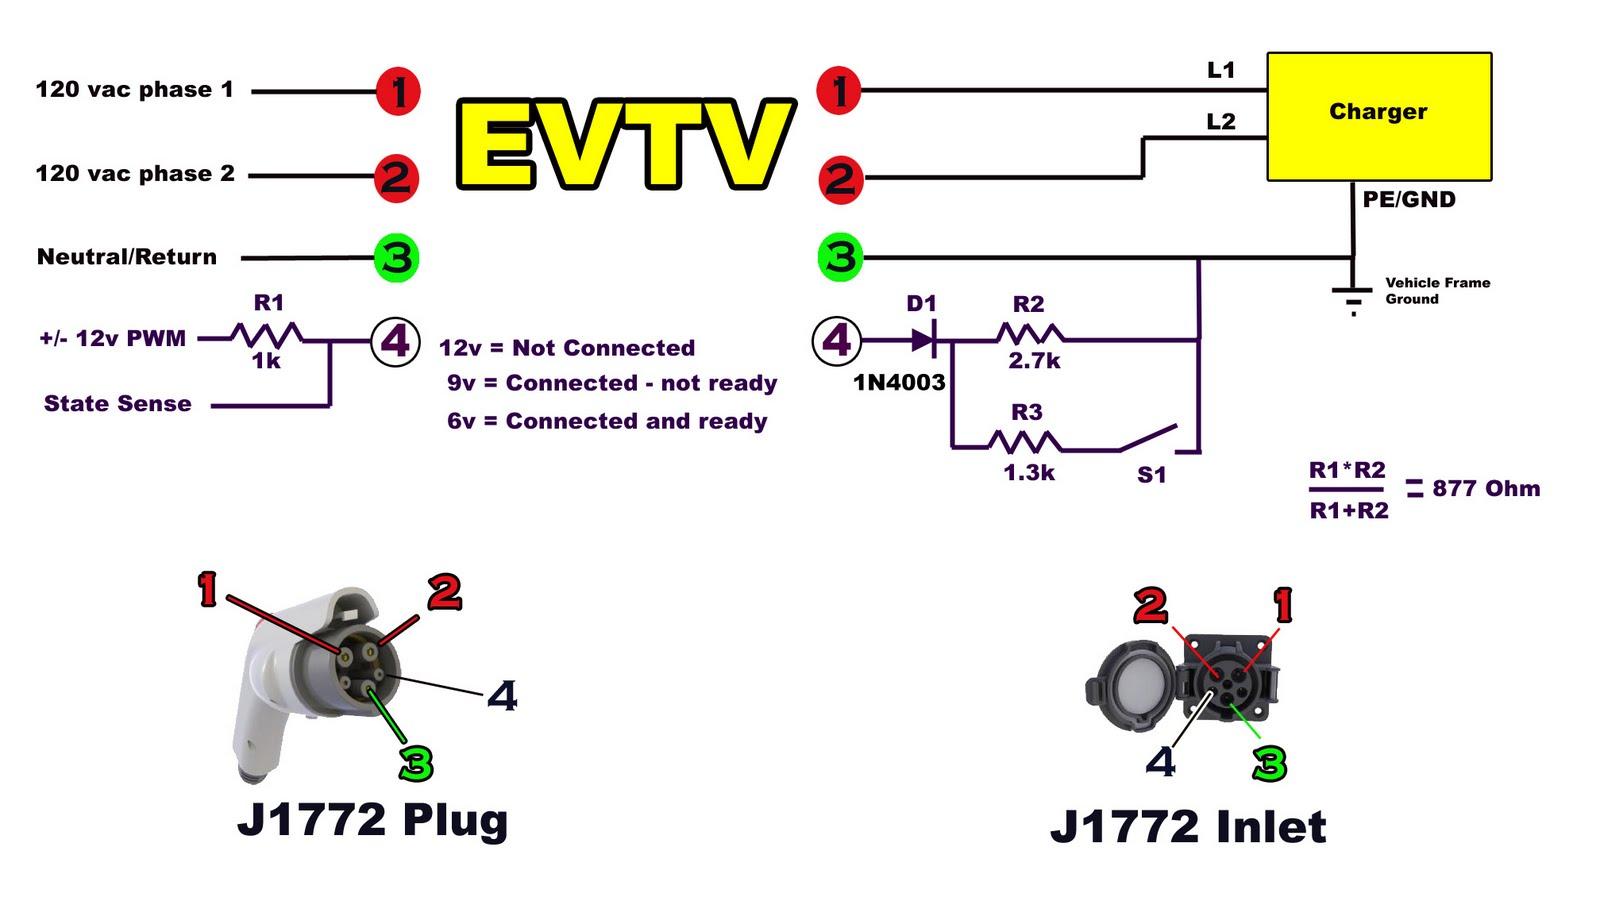 medium resolution of sae j1772 schematic wiring diagram data sae j1772 schematic